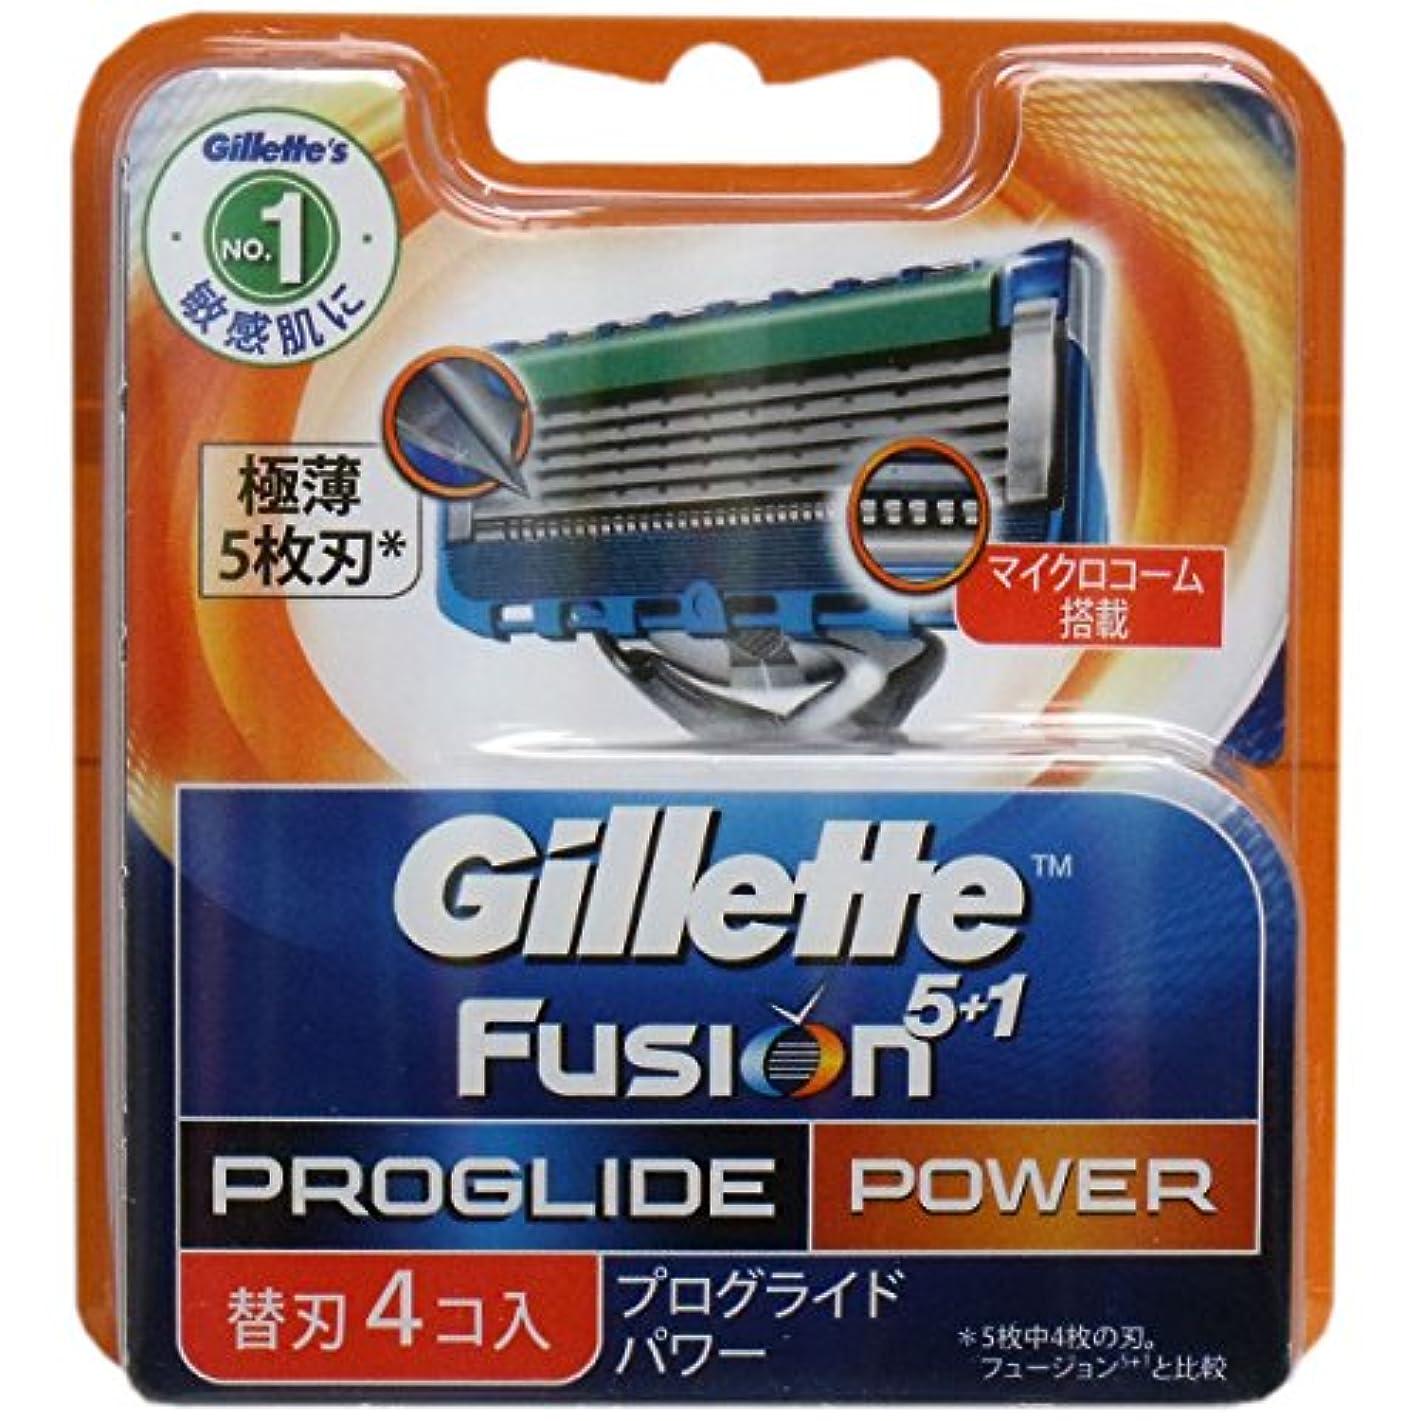 直径観点無声でジレット フュージョン プログライド パワー 替刃 4個入×2個セット